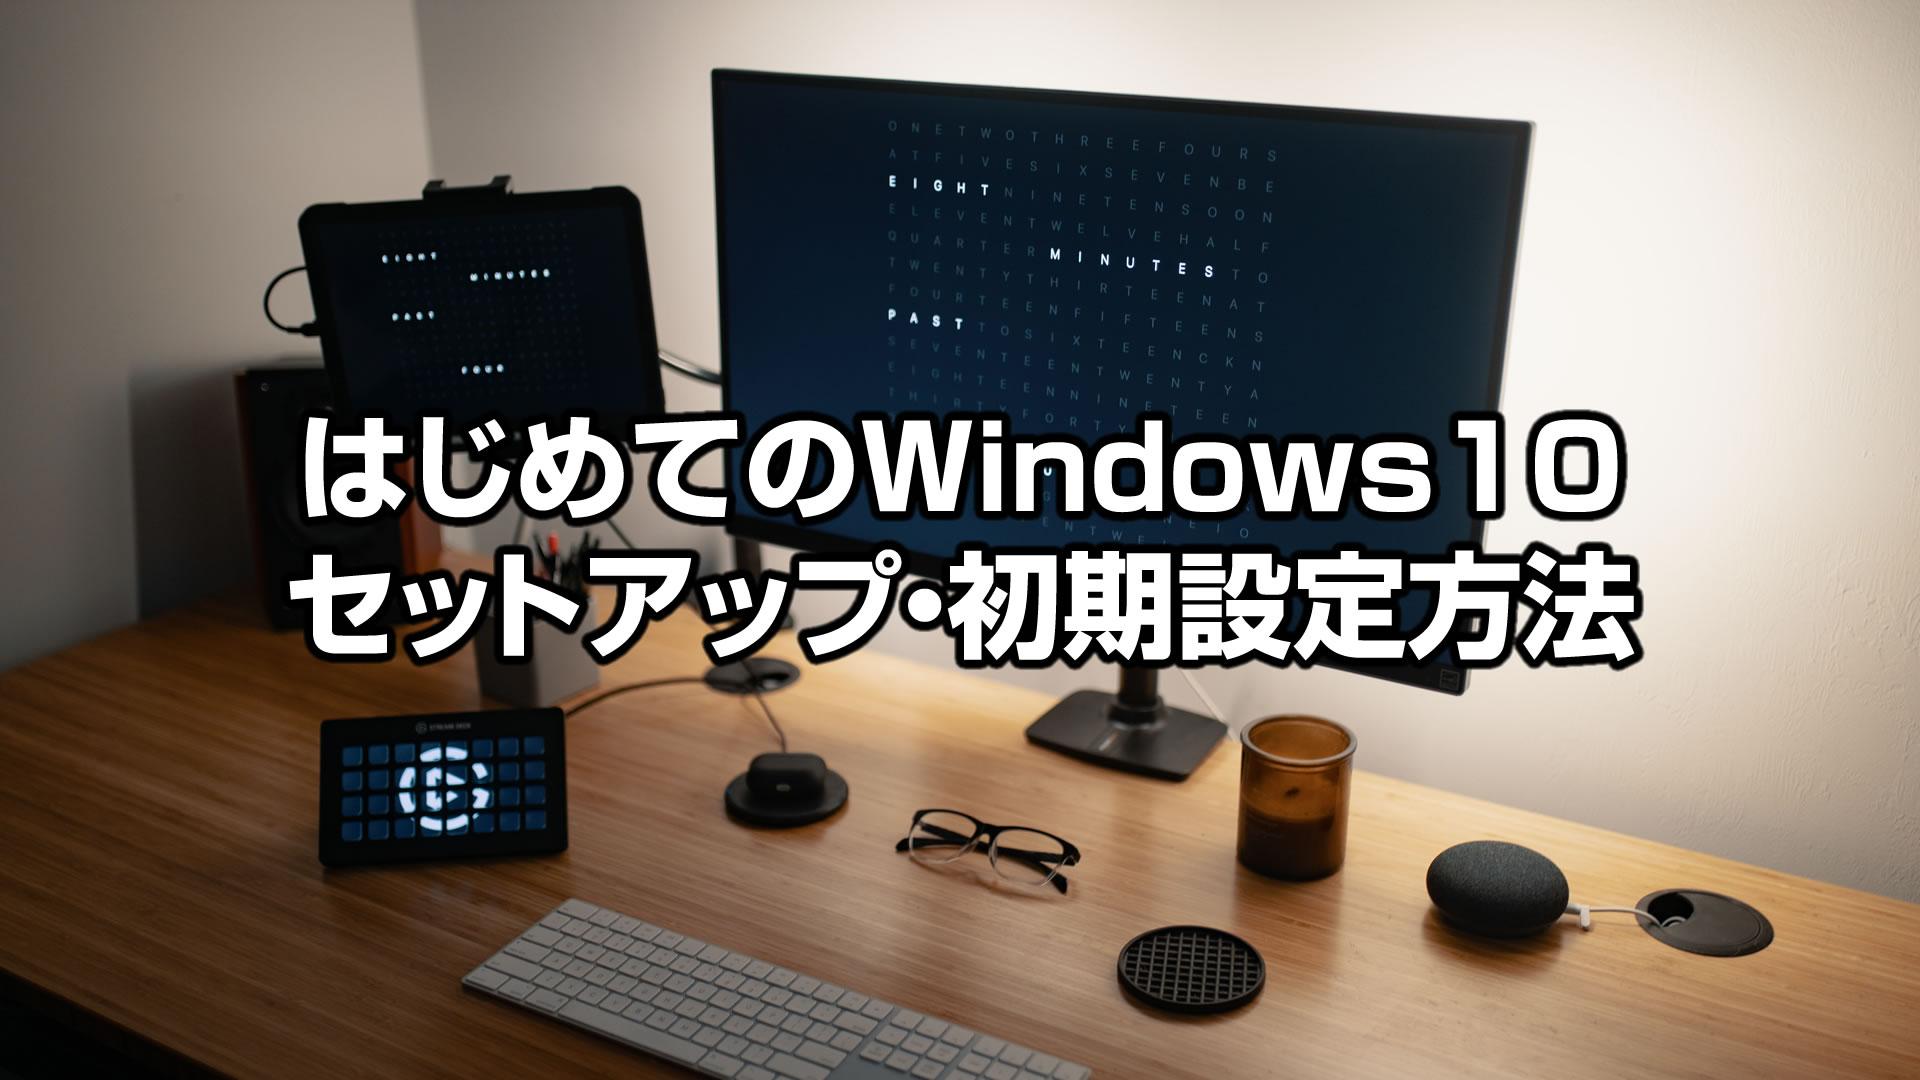 PC購入!はじめてのWindows10のセットアップ・初期設定方法